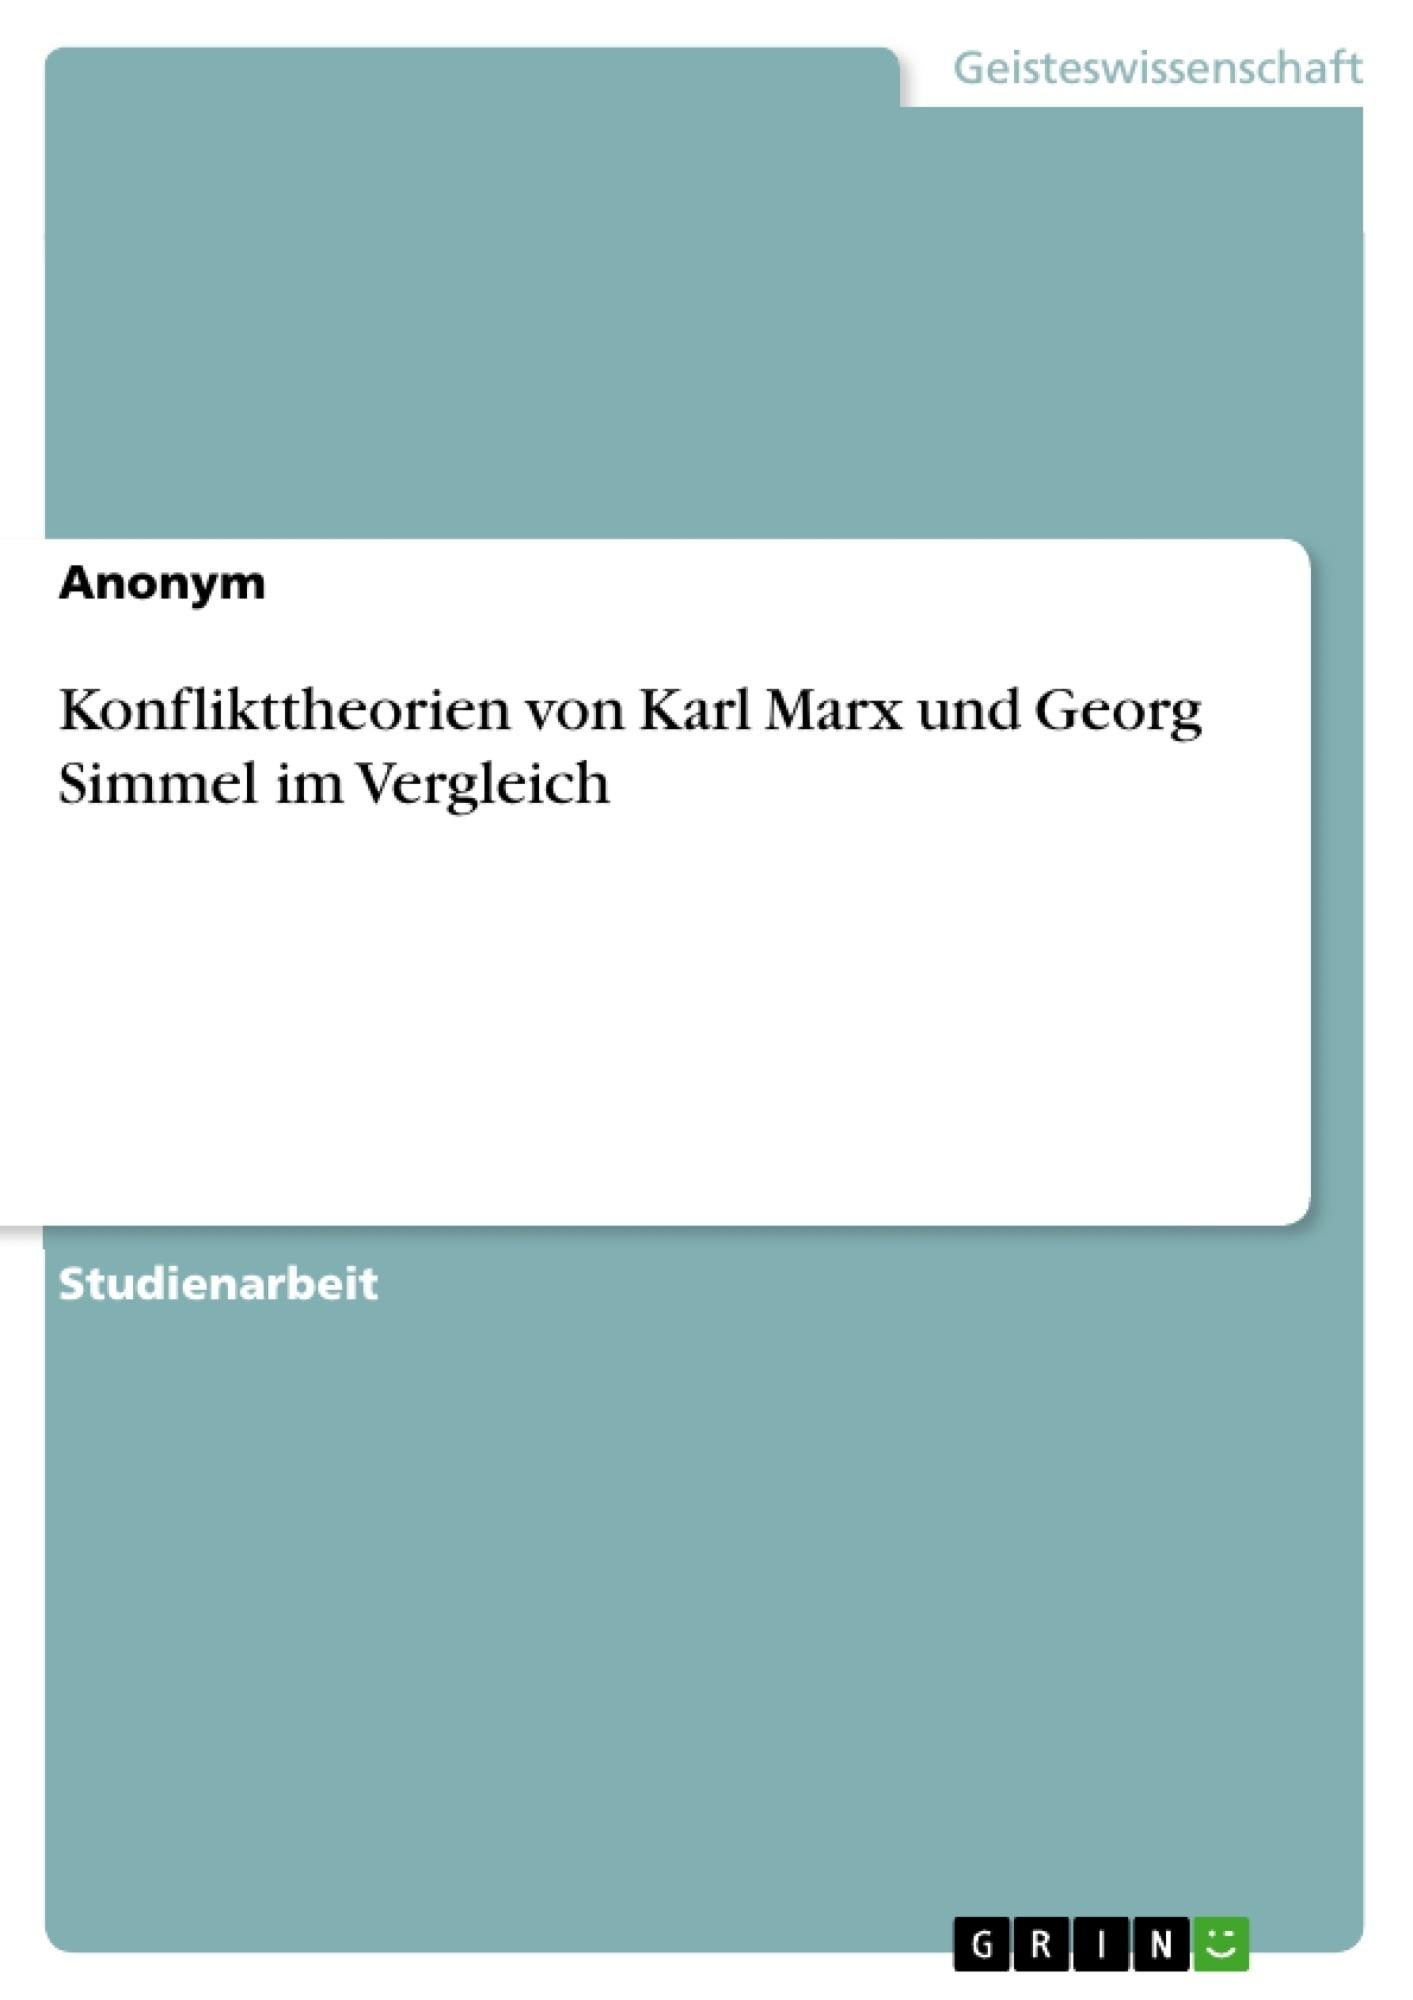 Titel: Konflikttheorien von Karl Marx und Georg Simmel im Vergleich